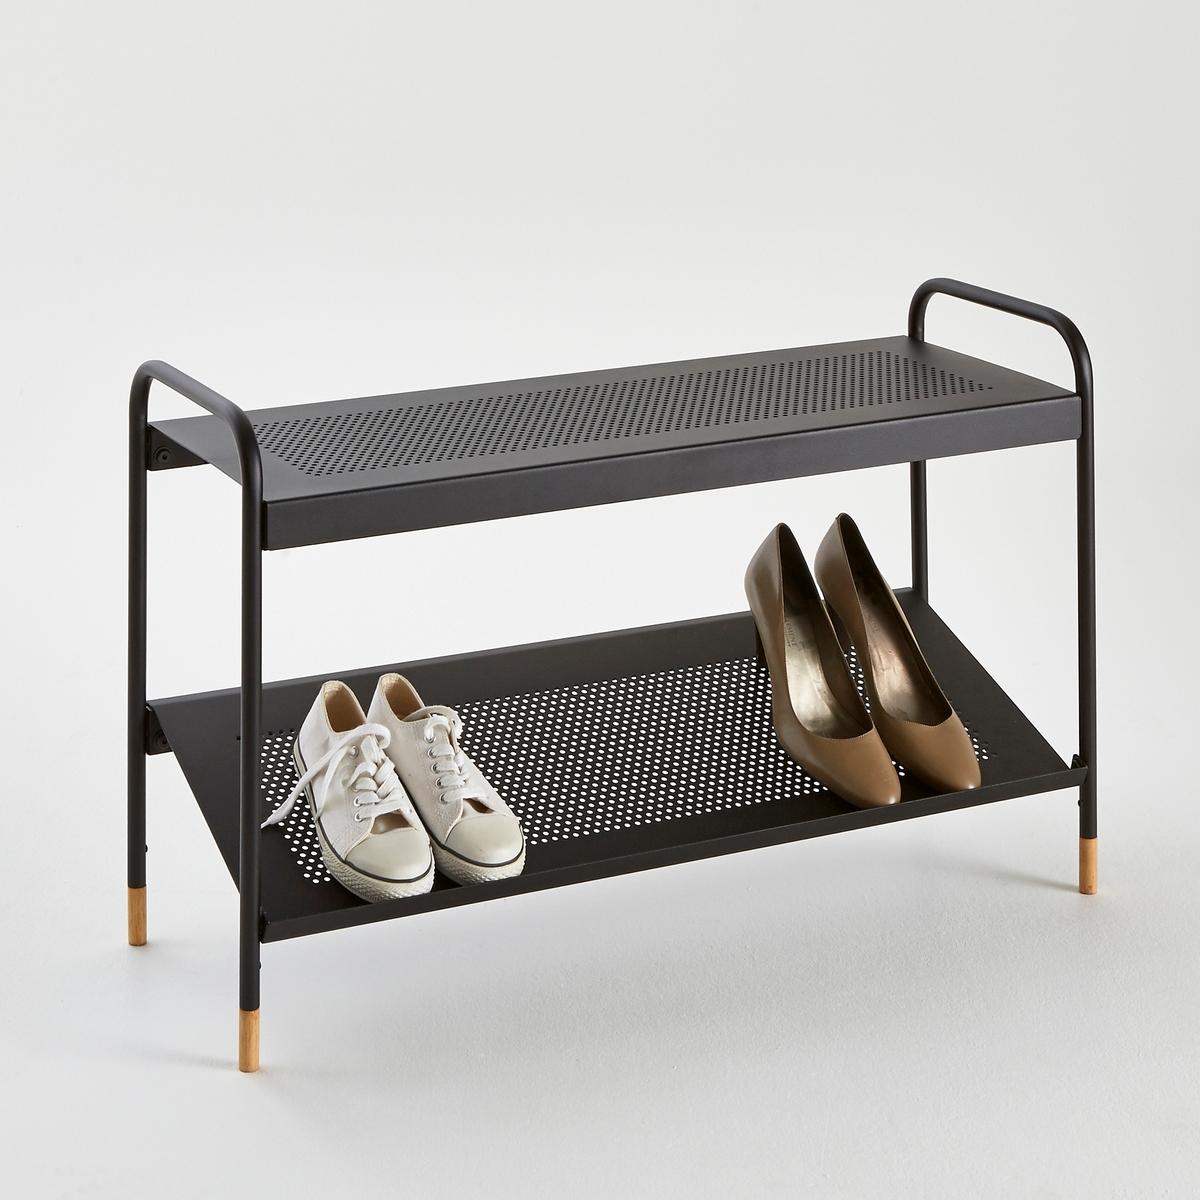 Скамья, подставка для обуви AGAMA около 8 парСкамья, подставка для обуви из перфорированного металла с 2 уровнями, то есть около 8 пар обуви . Идеальна для размещения в стенном шкафу . Ножки из металла и гельвеи . 2 полки с перфорацией . Нижняя этажерка под наклоном . Размеры :Длина : 83 смВысота : 52 смПолки: 83 x 30 см<br><br>Цвет: черный<br>Размер: единый размер